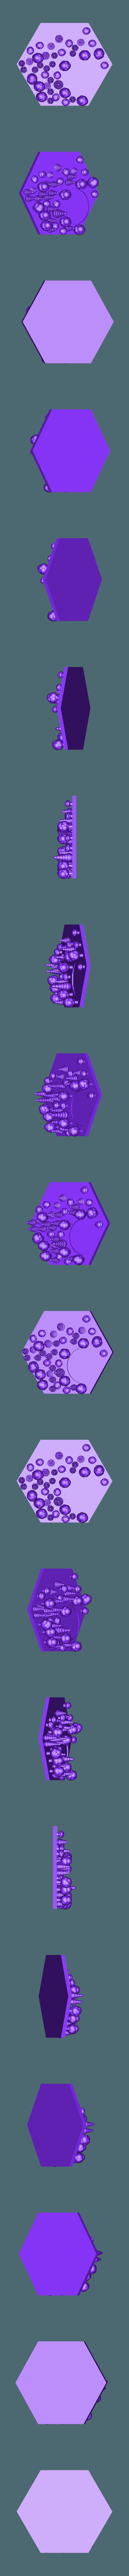 Catan_-_Wood2.stl Télécharger fichier STL gratuit Jeu complet de carreaux Catan - Buse simple, multicouches multicolores • Objet pour impression 3D, Hardcore3D